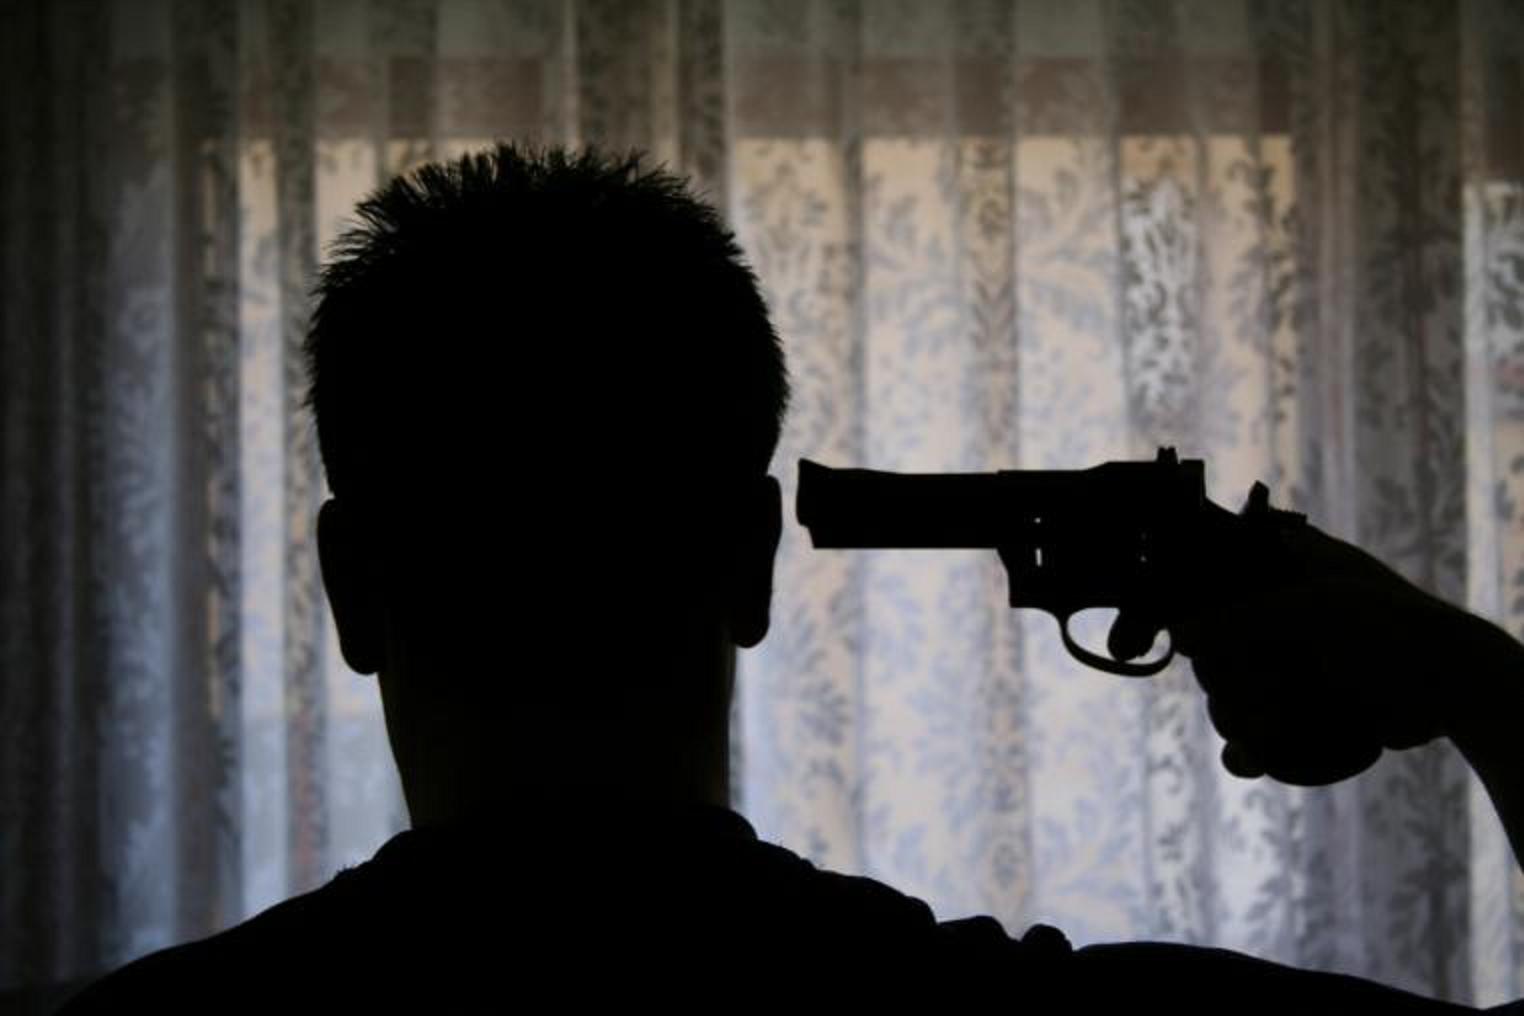 Парень с пистолетом у виска картинки